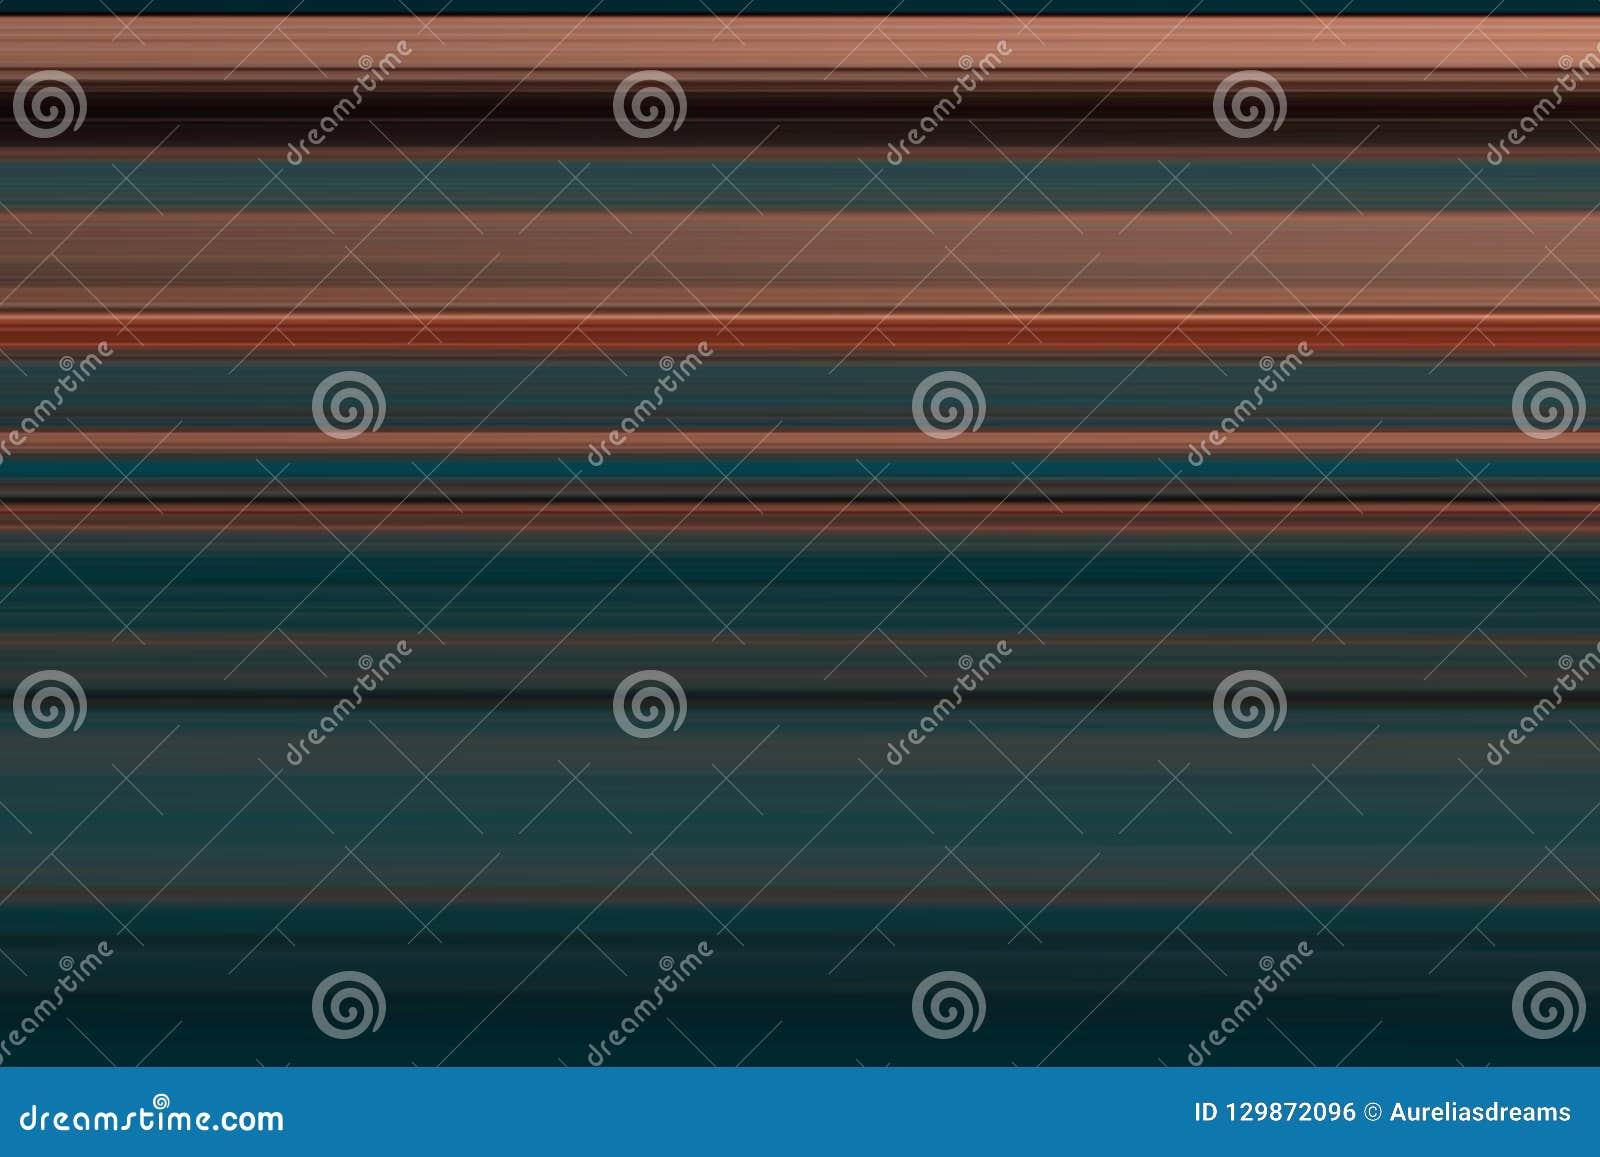 Olorful abstrakta ljusa horisontallinjer bakgrund, textur för Ð-¡ i bruna och blåa signaler